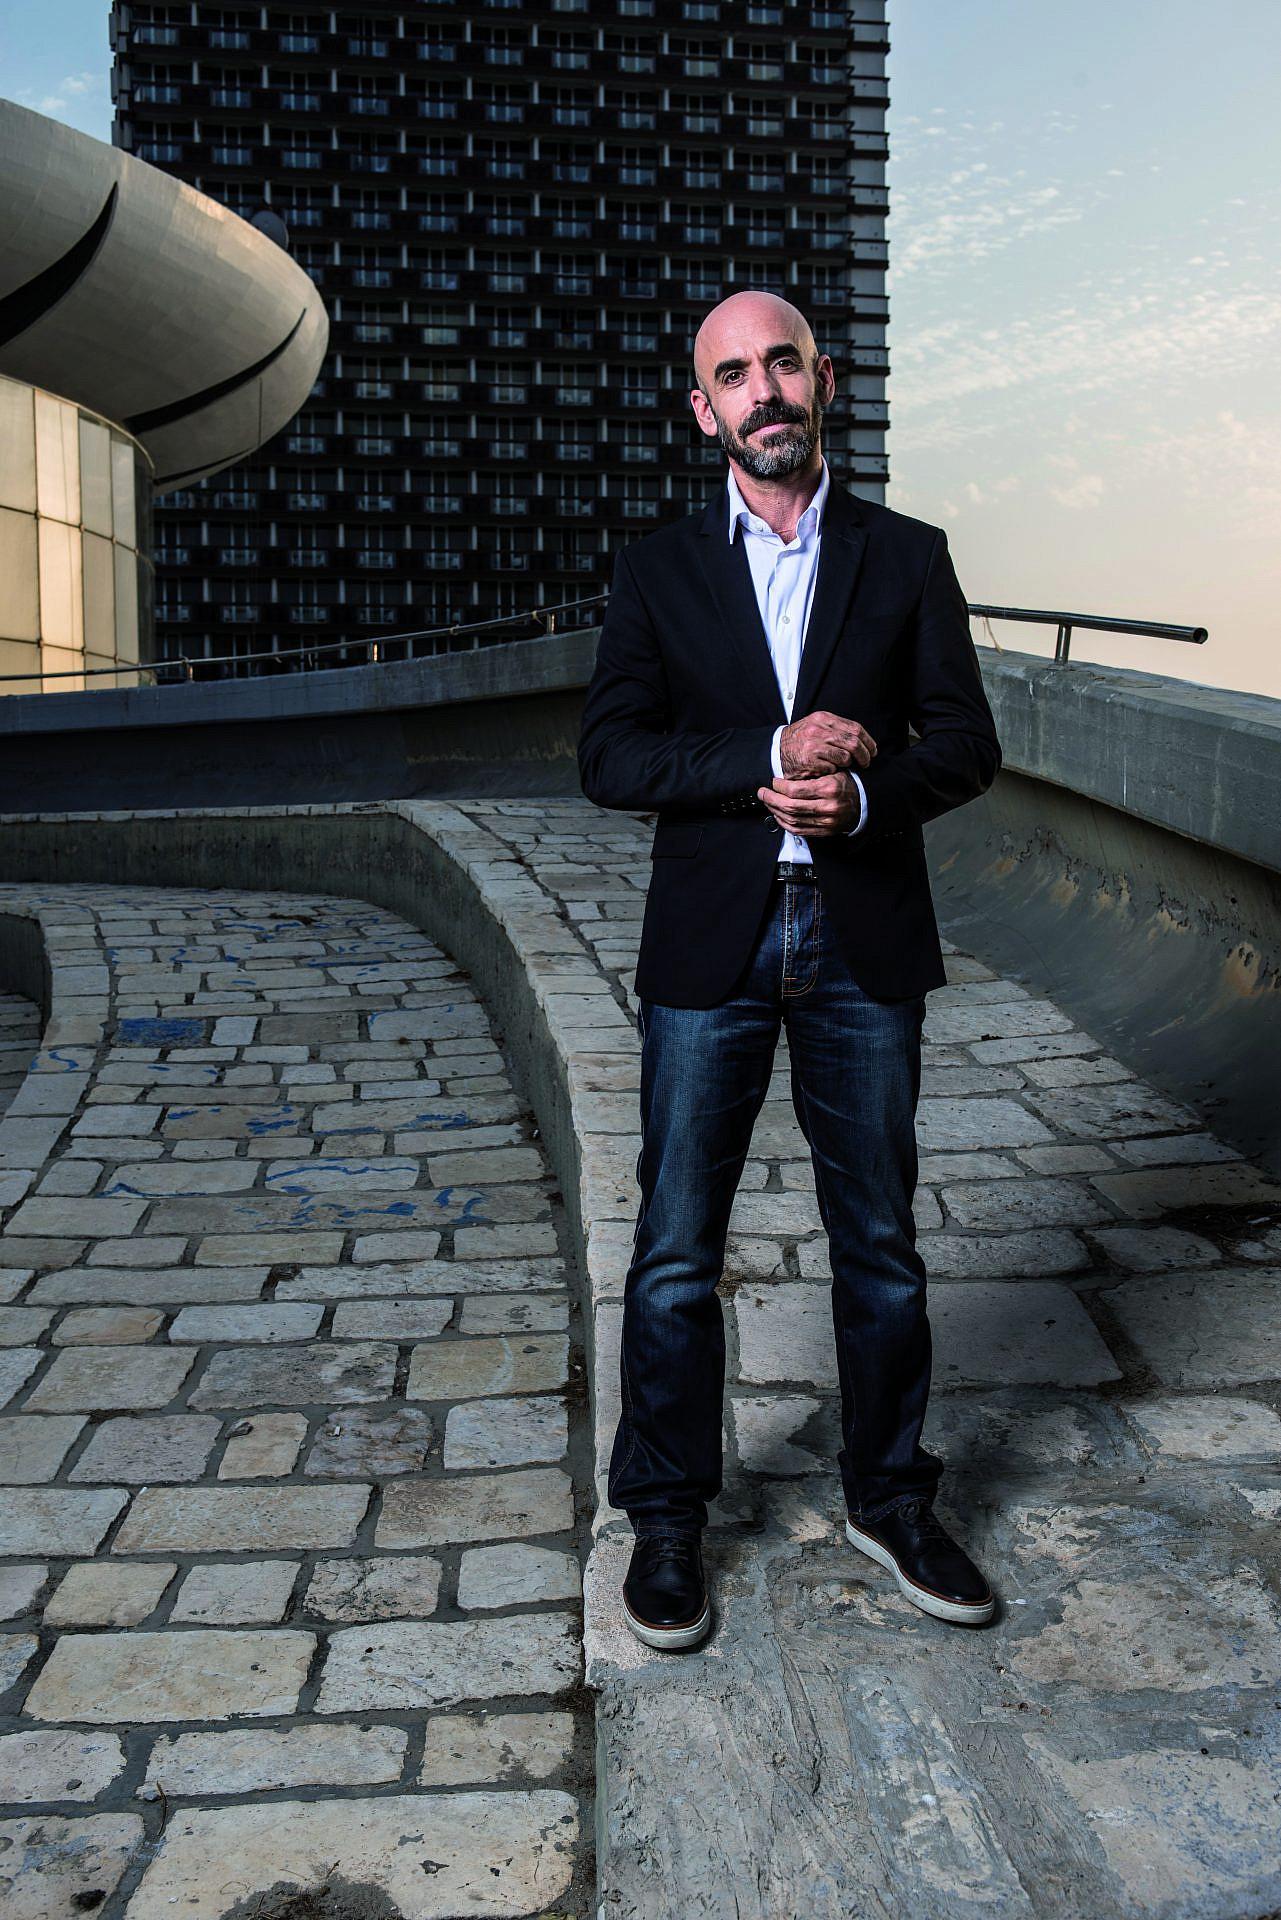 בזמן הקמפיין זה היה מאבק הדגל. אסף הראל בכיכר אתרים (צילום: איליה מלניקוב)